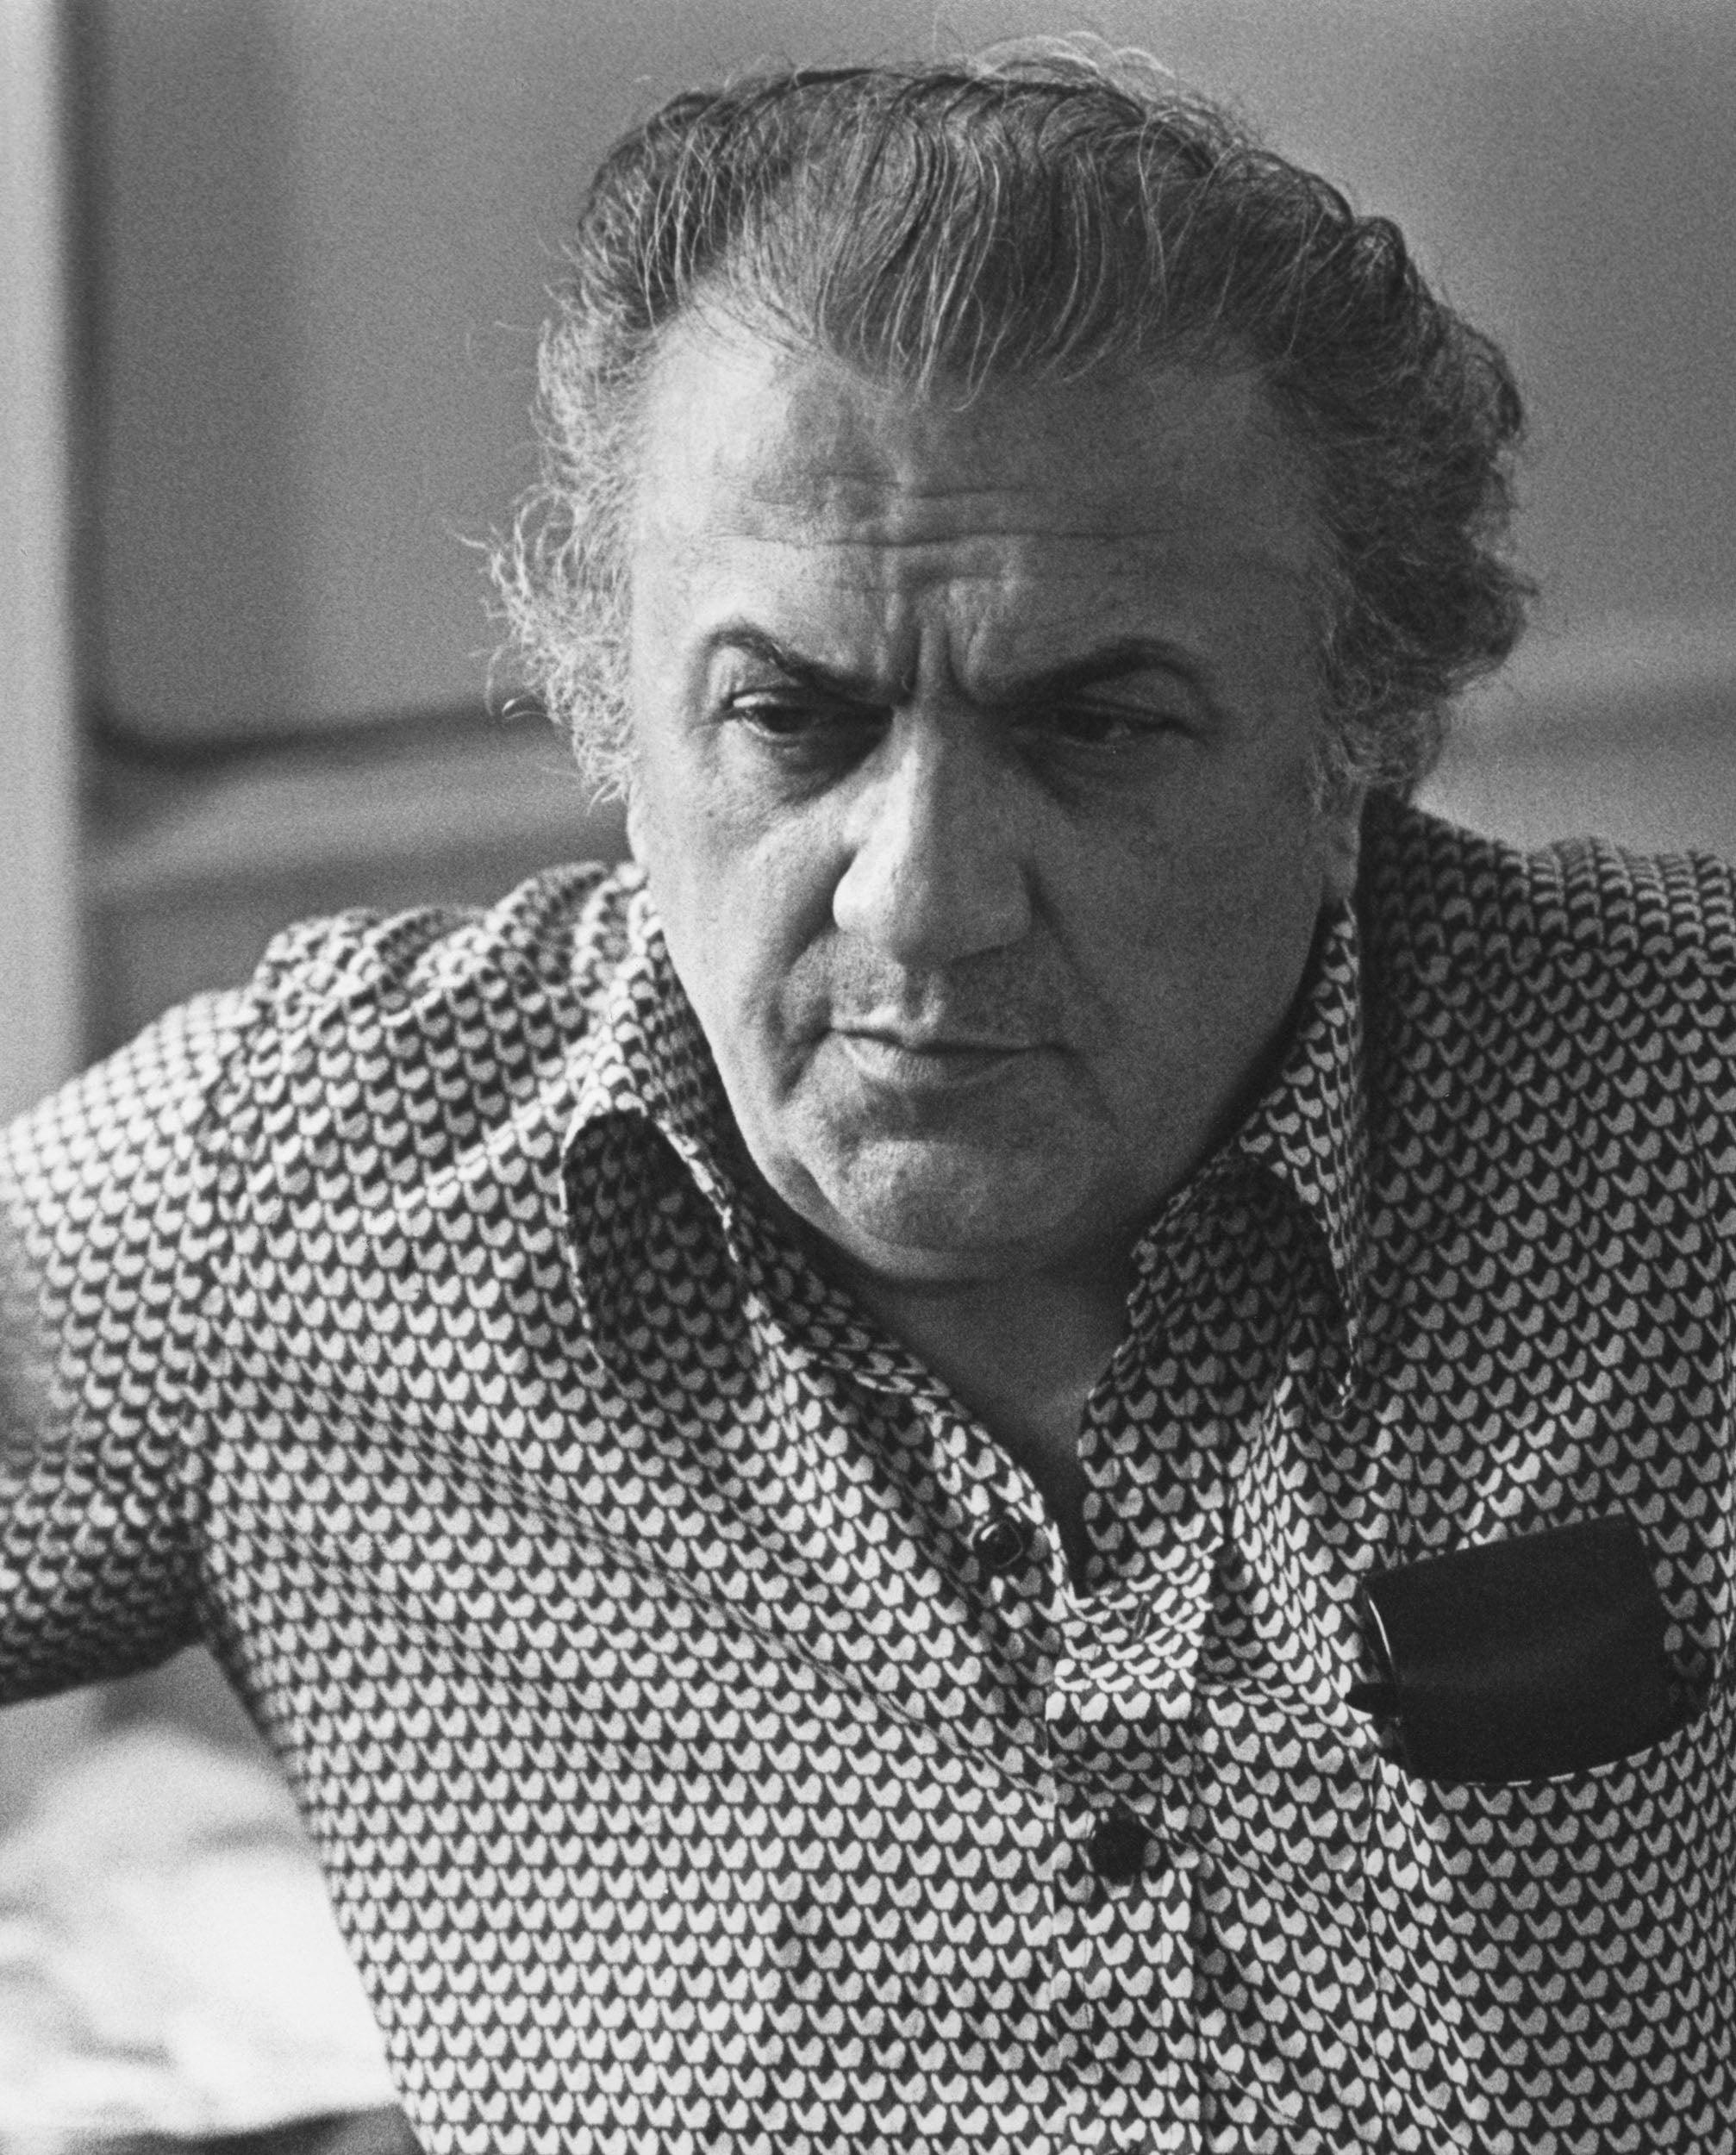 Filmmaker Federico Fellini, Golden Globe winner